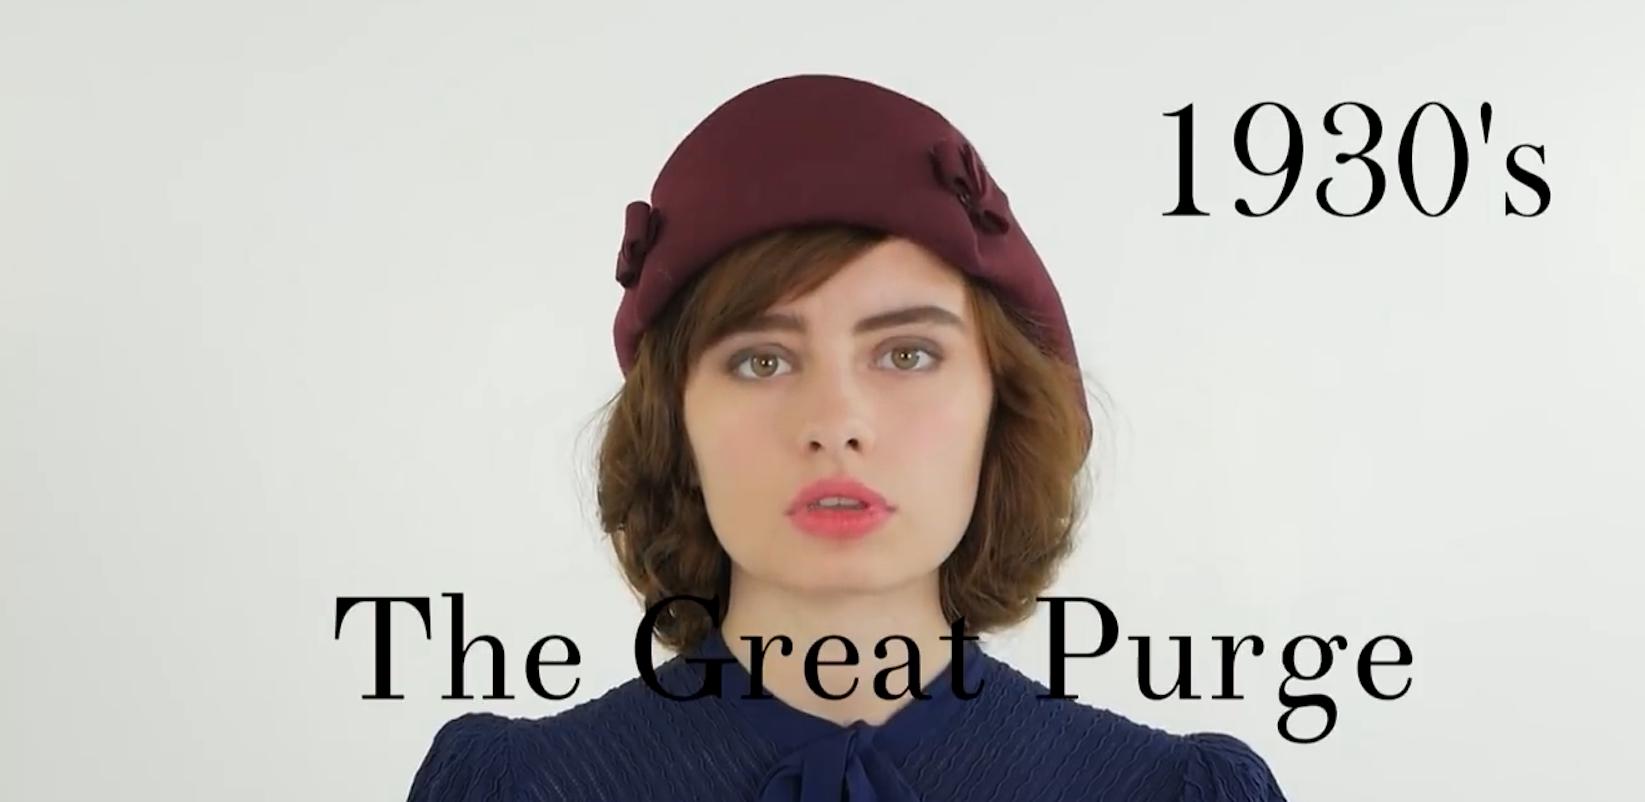 Відеоблоґерка показала 100 років української моди та історії